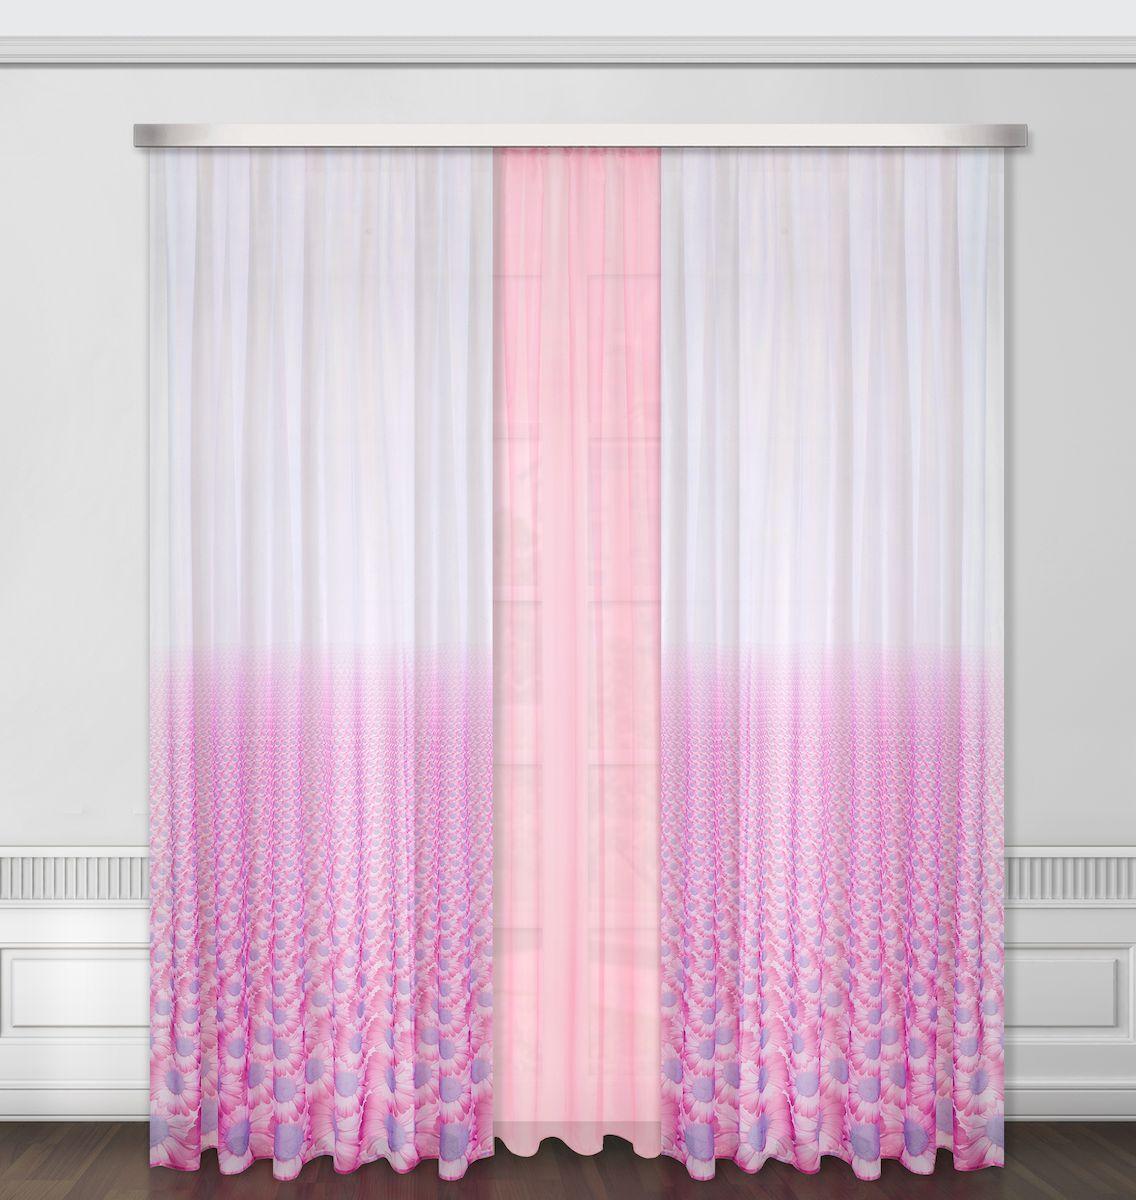 Комплект штор Zlata Korunka, на ленте, цвет: сиреневый, высота 260 см. 5566355663Роскошный комплект штор Zlata Korunka, выполненный из полиэстера, великолепно украсит любое окно. Комплект состоит из тюля и двух штор. Цветочный рисунок и приятная цветовая гамма привлекут к себе внимание и органично впишутся в интерьер помещения. Этот комплект будет долгое время радовать вас и вашу семью!Комплект крепится на карниз при помощи ленты, которая поможет красиво и равномерно задрапировать верх.В комплект входит: Тюль: 1 шт. Размер (Ш х В): 350 см х 260 см. Штора: 2 шт. Размер (Ш х В): 160 см х 260 см.